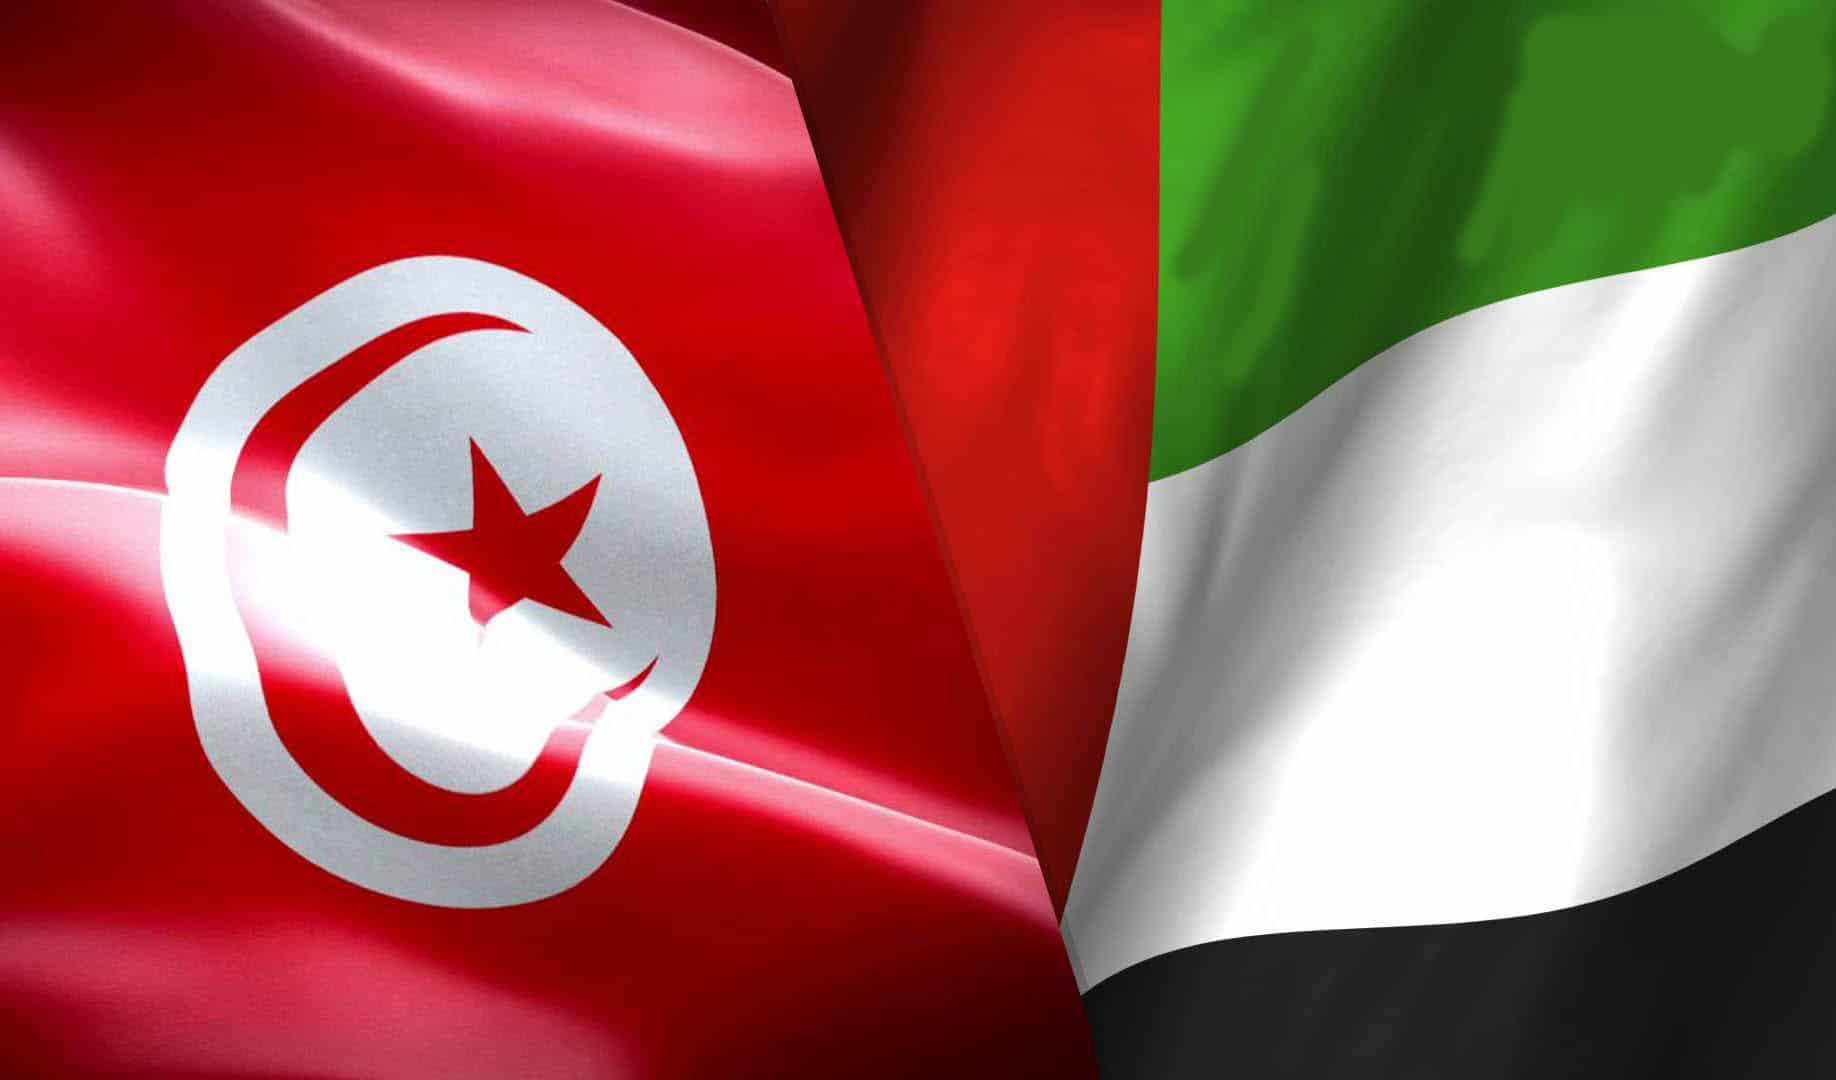 """""""الإمارات مصدر الشرور"""" ترند عربي تزامنا مع تقارير عن تورط أبوظبي في انقلاب تونس"""